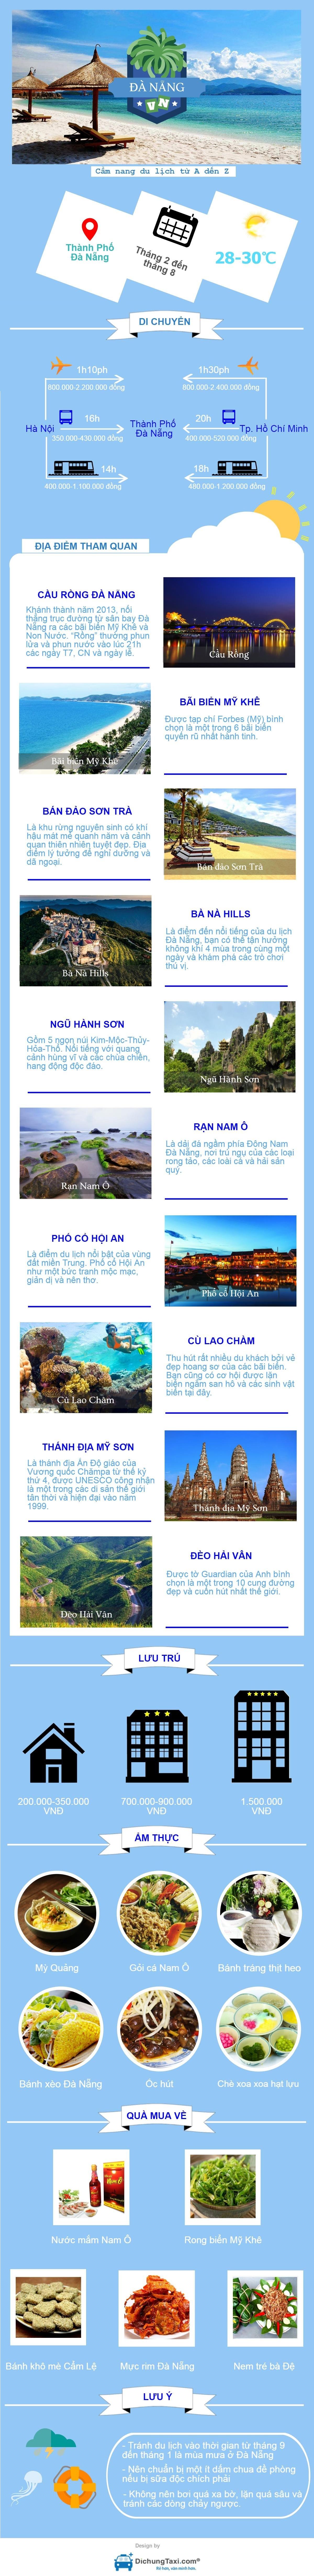 Du lịch Đà Nẵng: Cẩm nang du lịch từ A đến Z [Infographic]